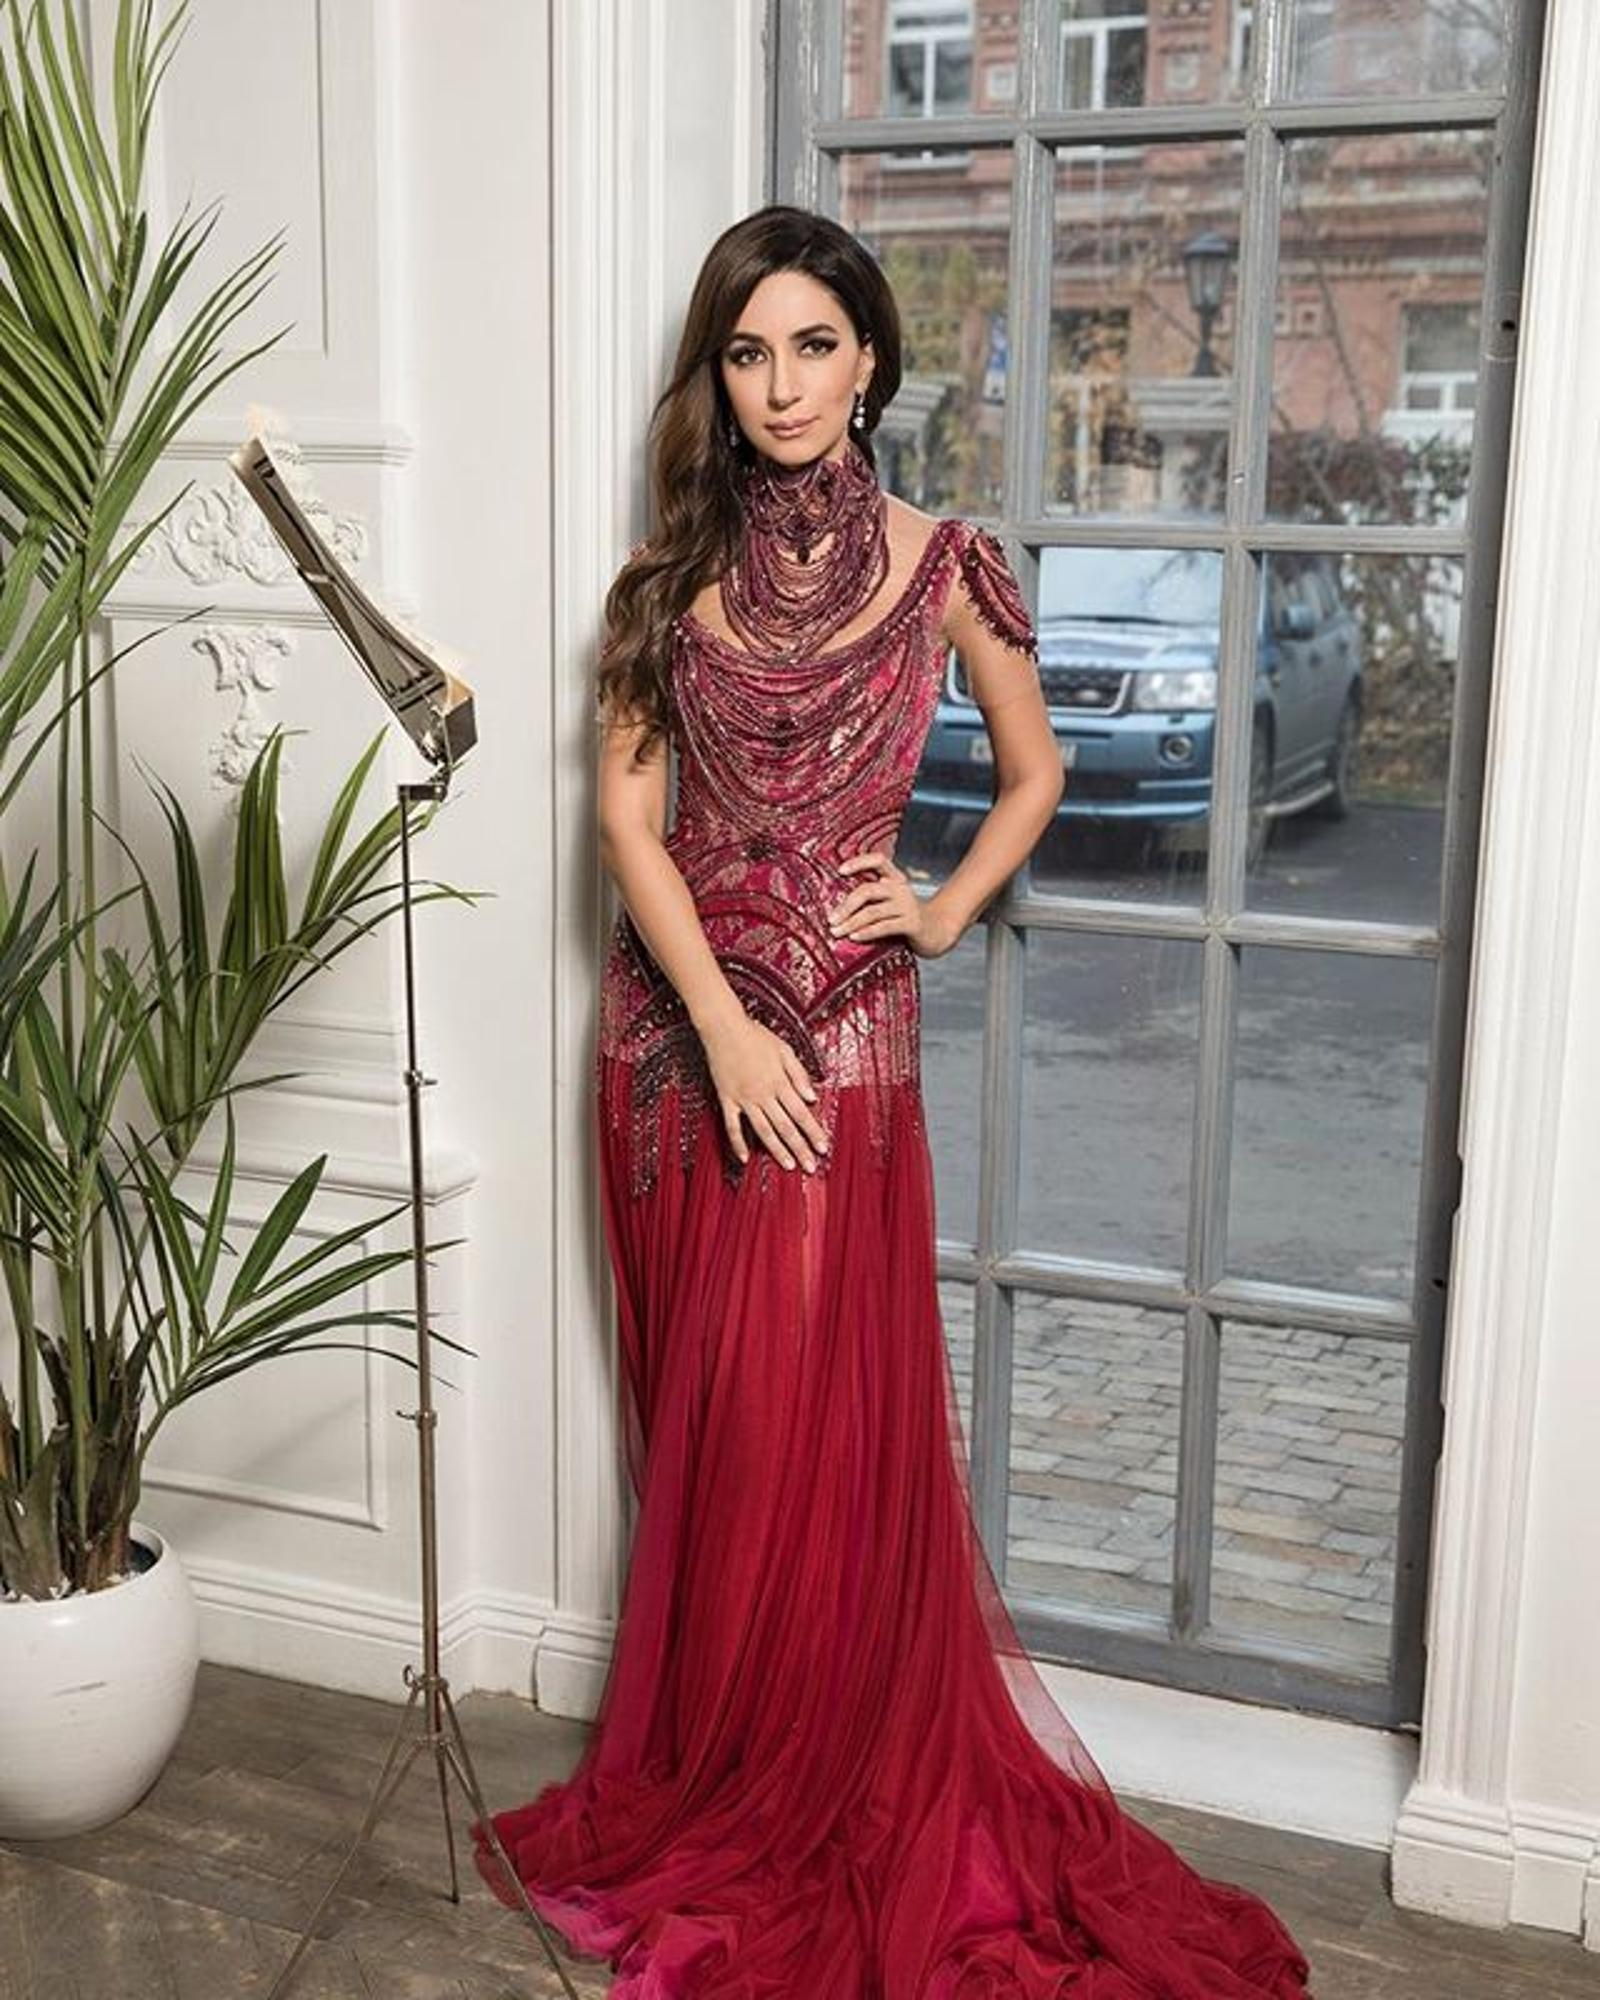 Как принцесса! 10 завораживающих вечерних образов от певицы Зары